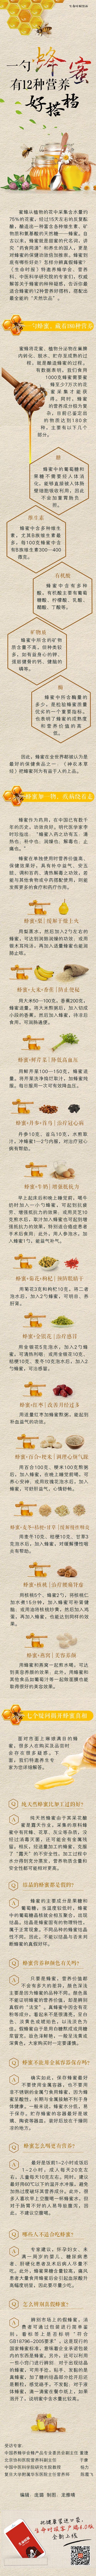 一勺蜂蜜+12种喝法,帮你省去不少医药费 - 锦上添花 - 錦上添花 blog.